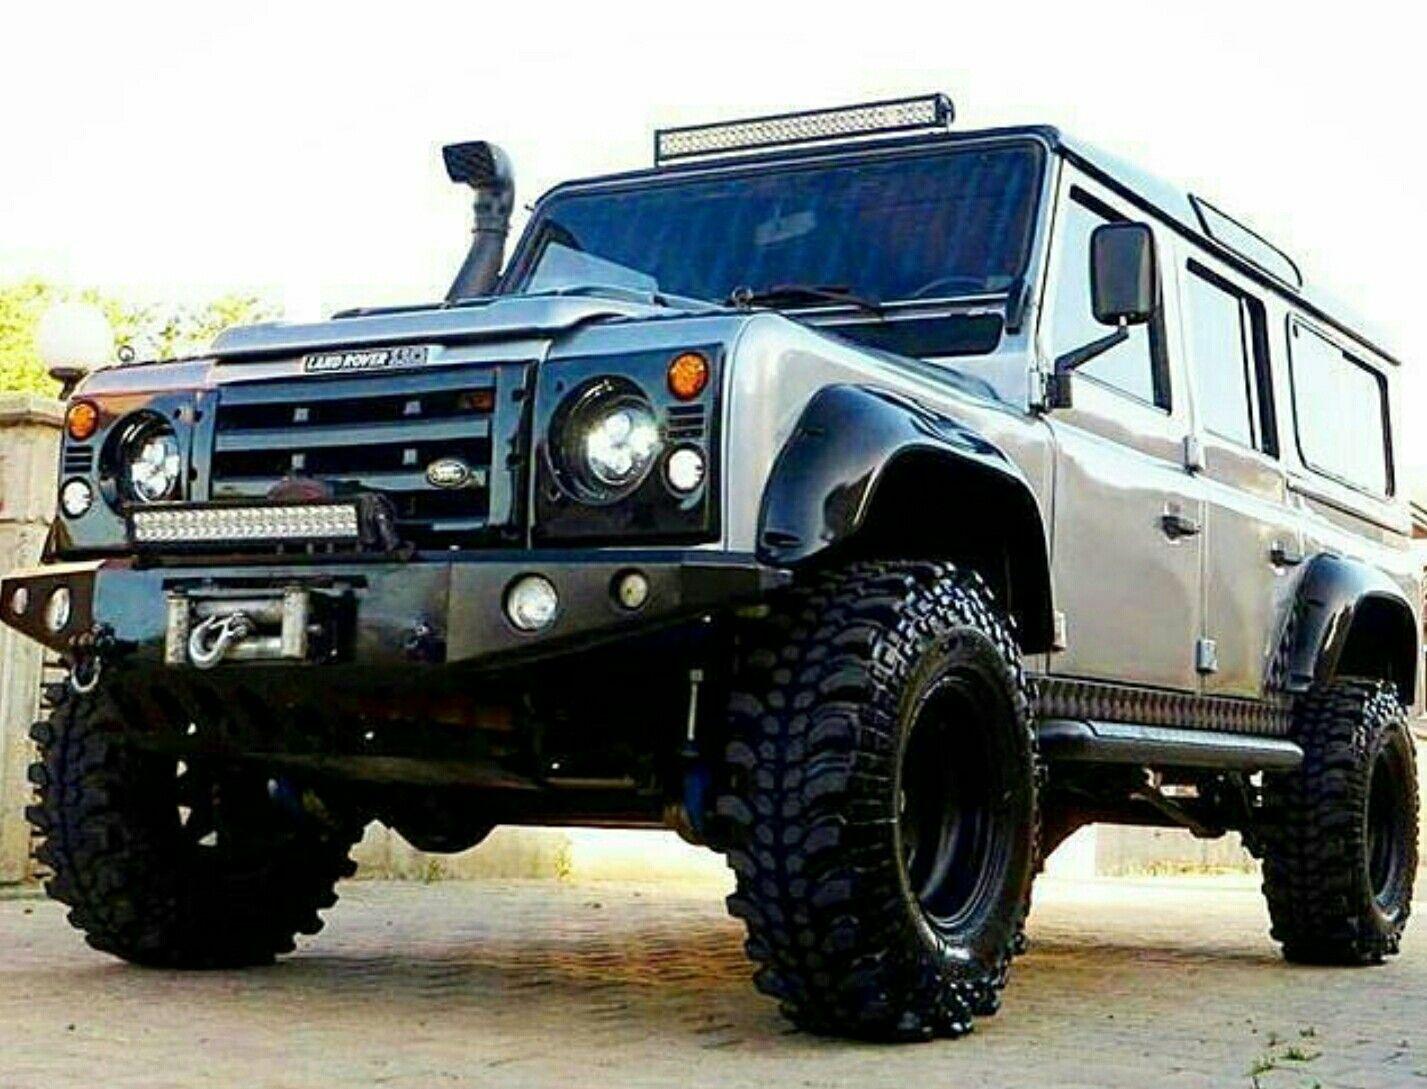 Big Defender 110 Land Rover Land Rover Defender Land Rover